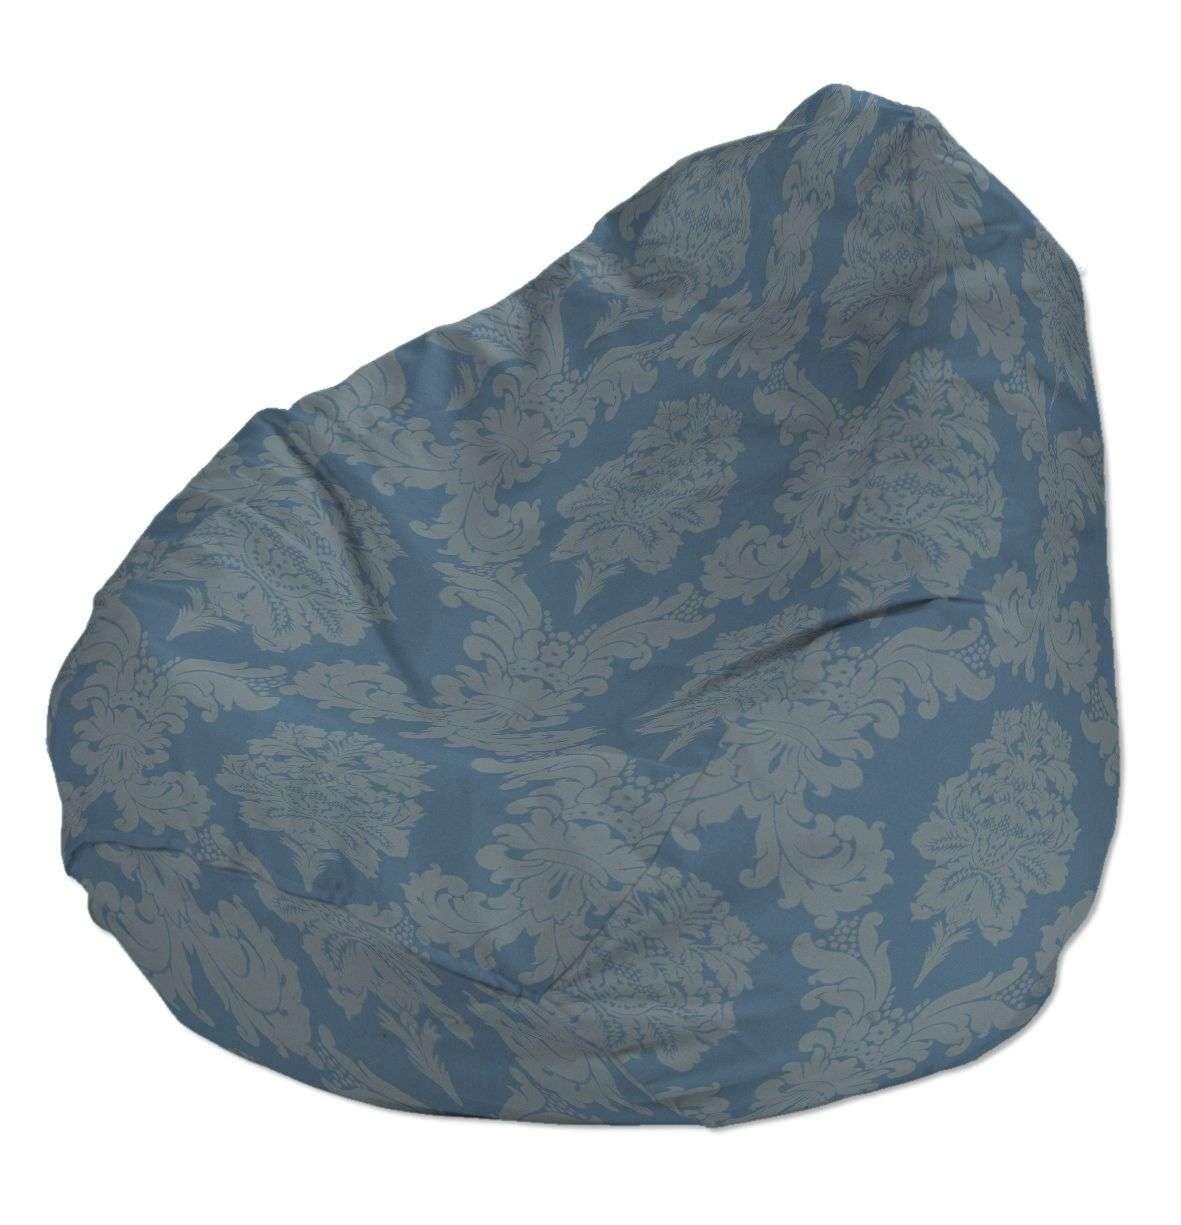 Bezug für Sitzsack Bezug für Sitzsack Ø50x85 cm von der Kollektion Damasco, Stoff: 613-67